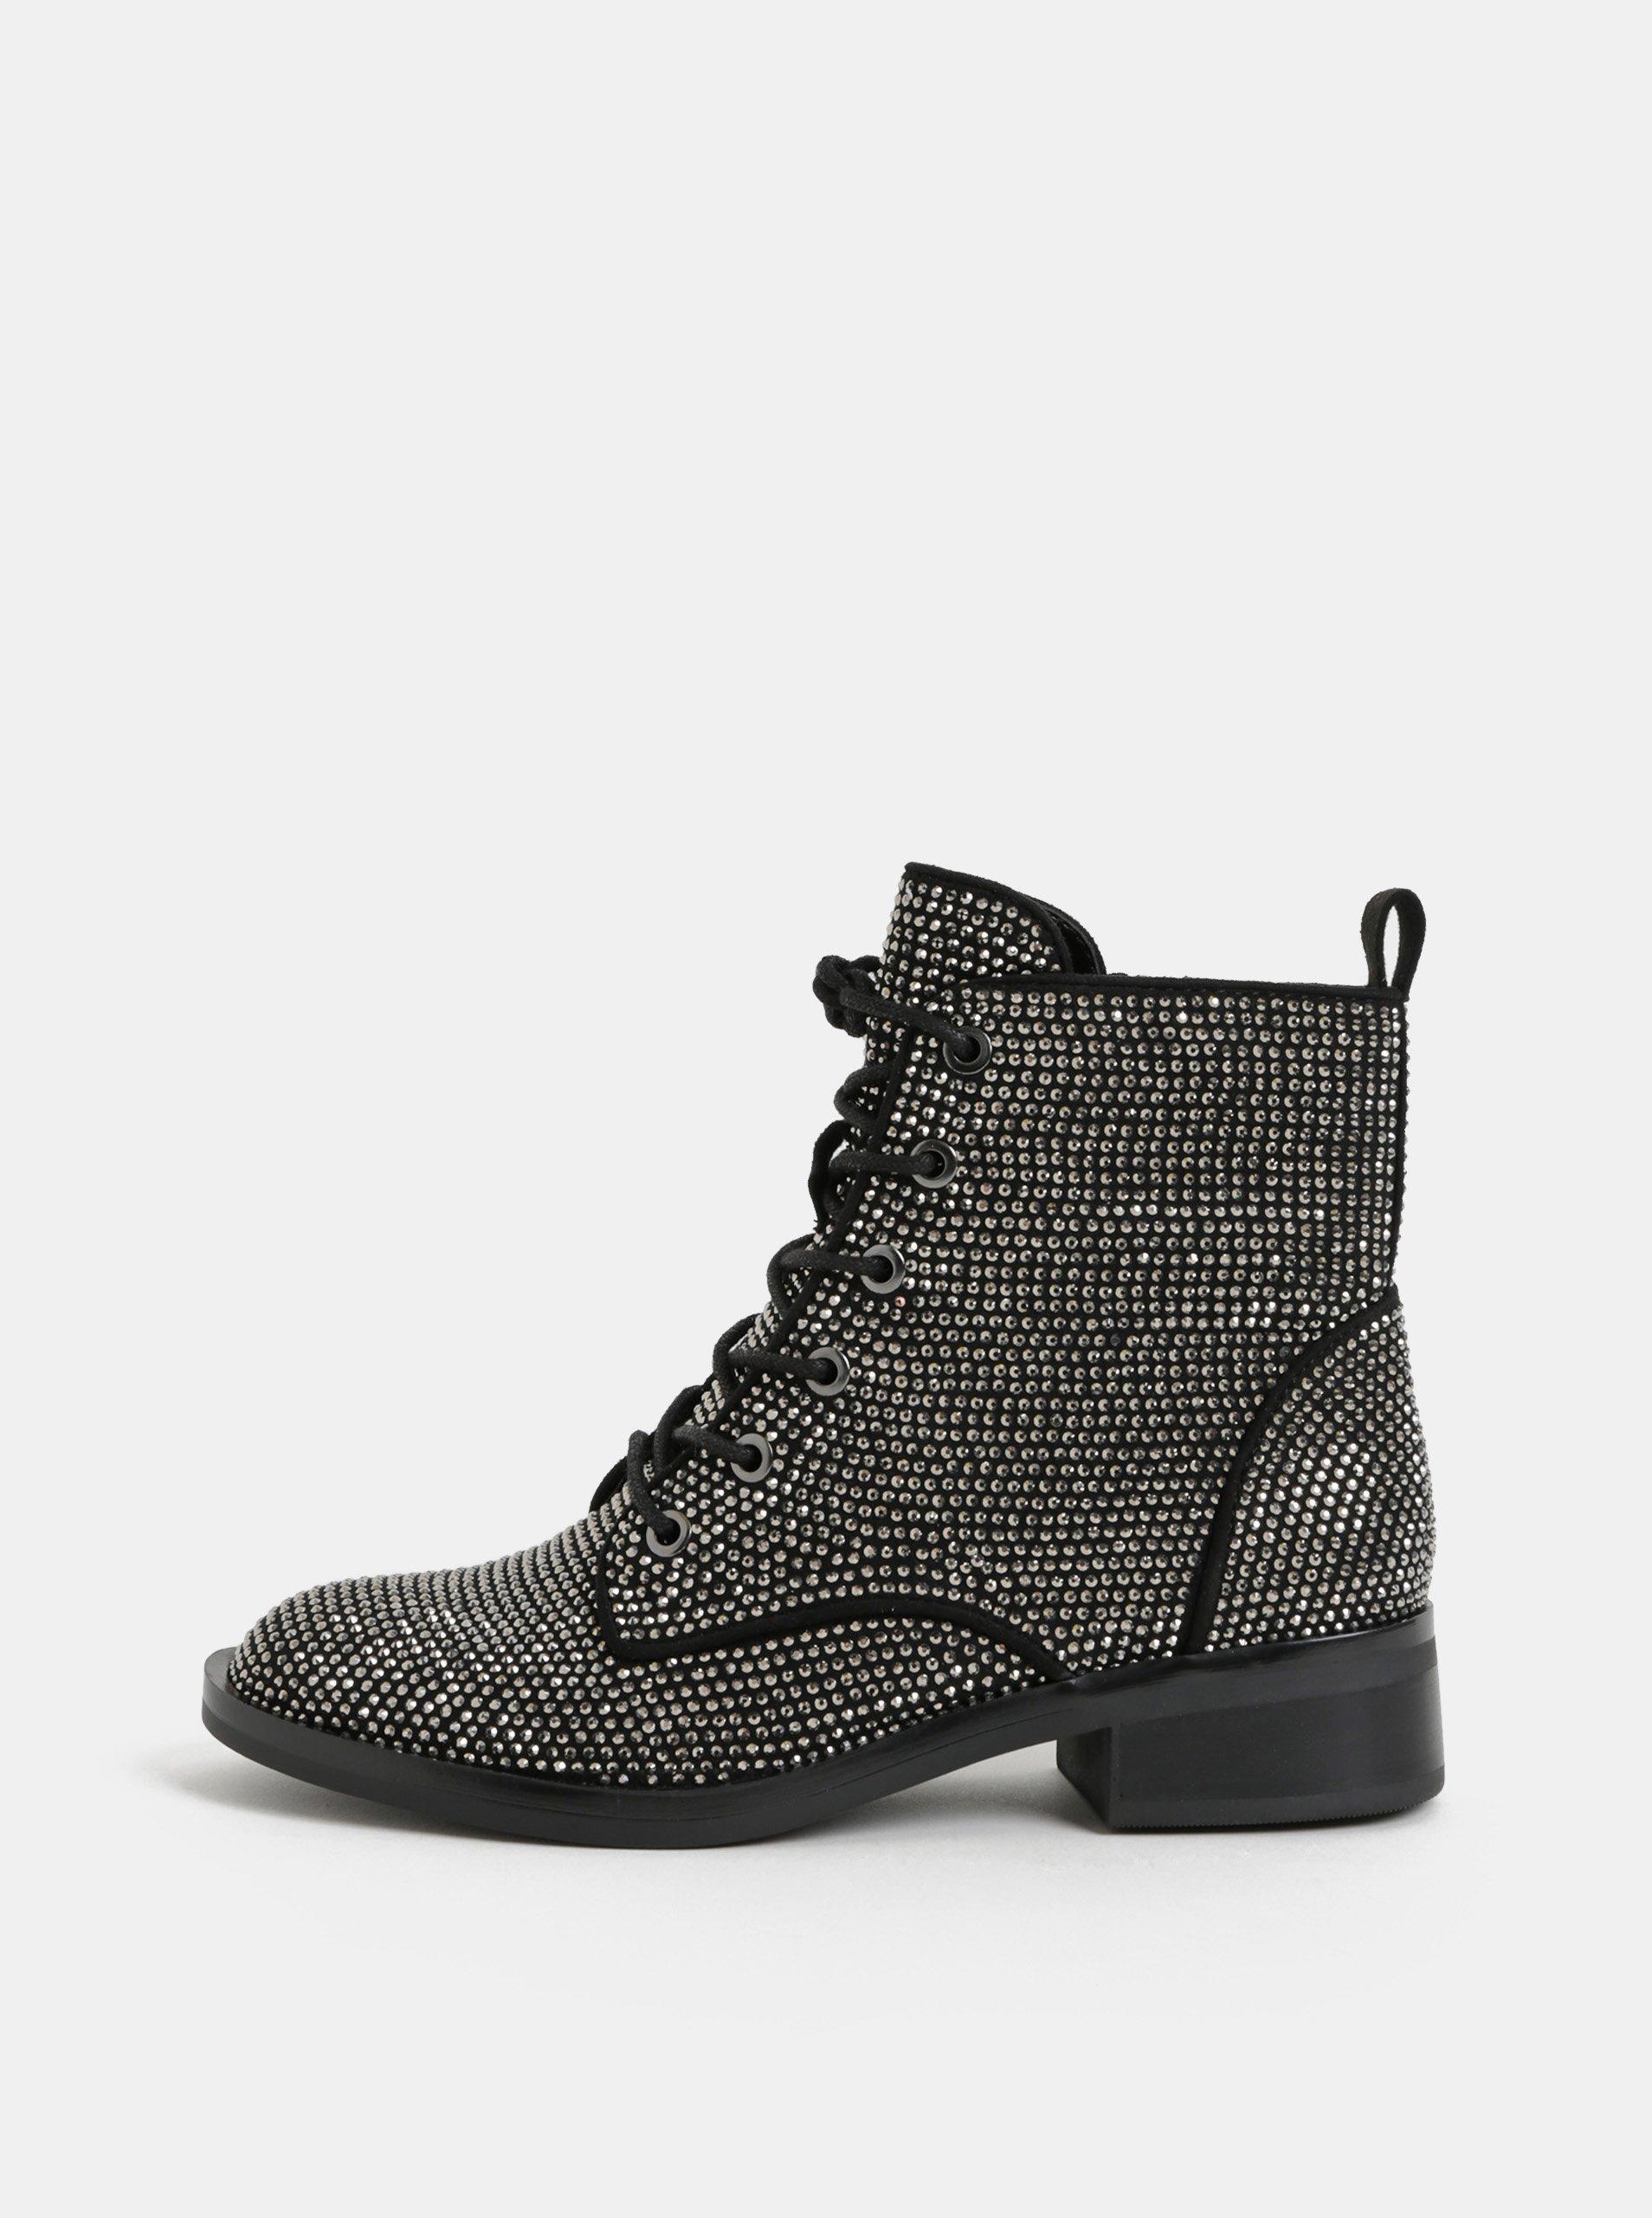 Černé dámské kotníkové boty s třpytivou aplikací ALDO Galolila 7d8116c9f9